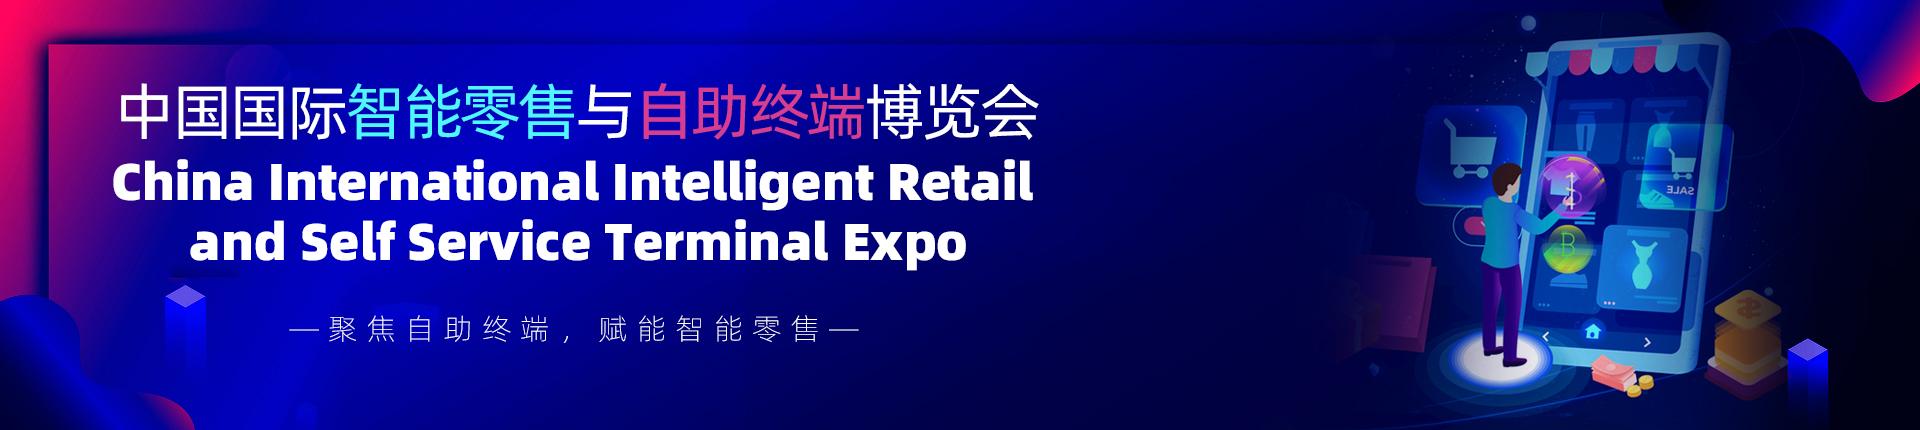 云展·中国国际智能零售与自助终端博览会